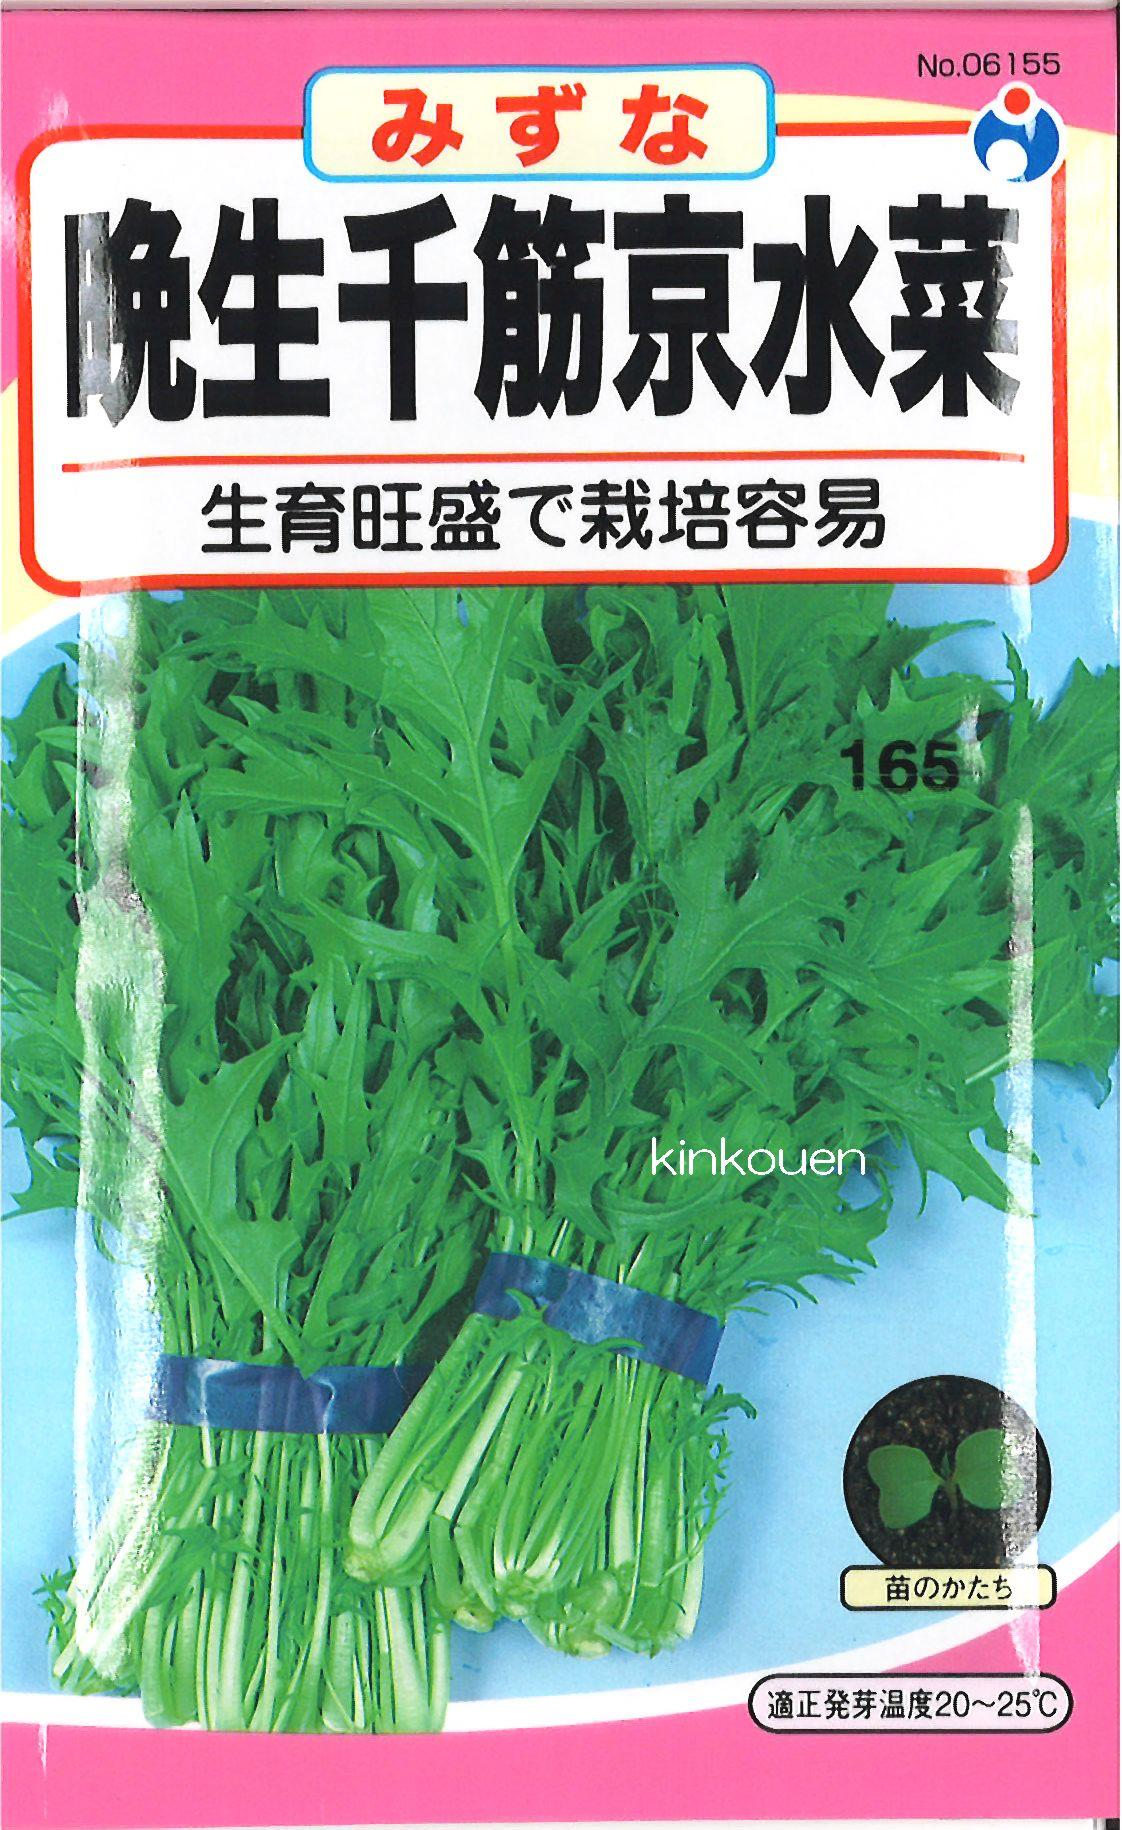 【代引不可】【5袋まで送料80円】□晩生千筋京水菜